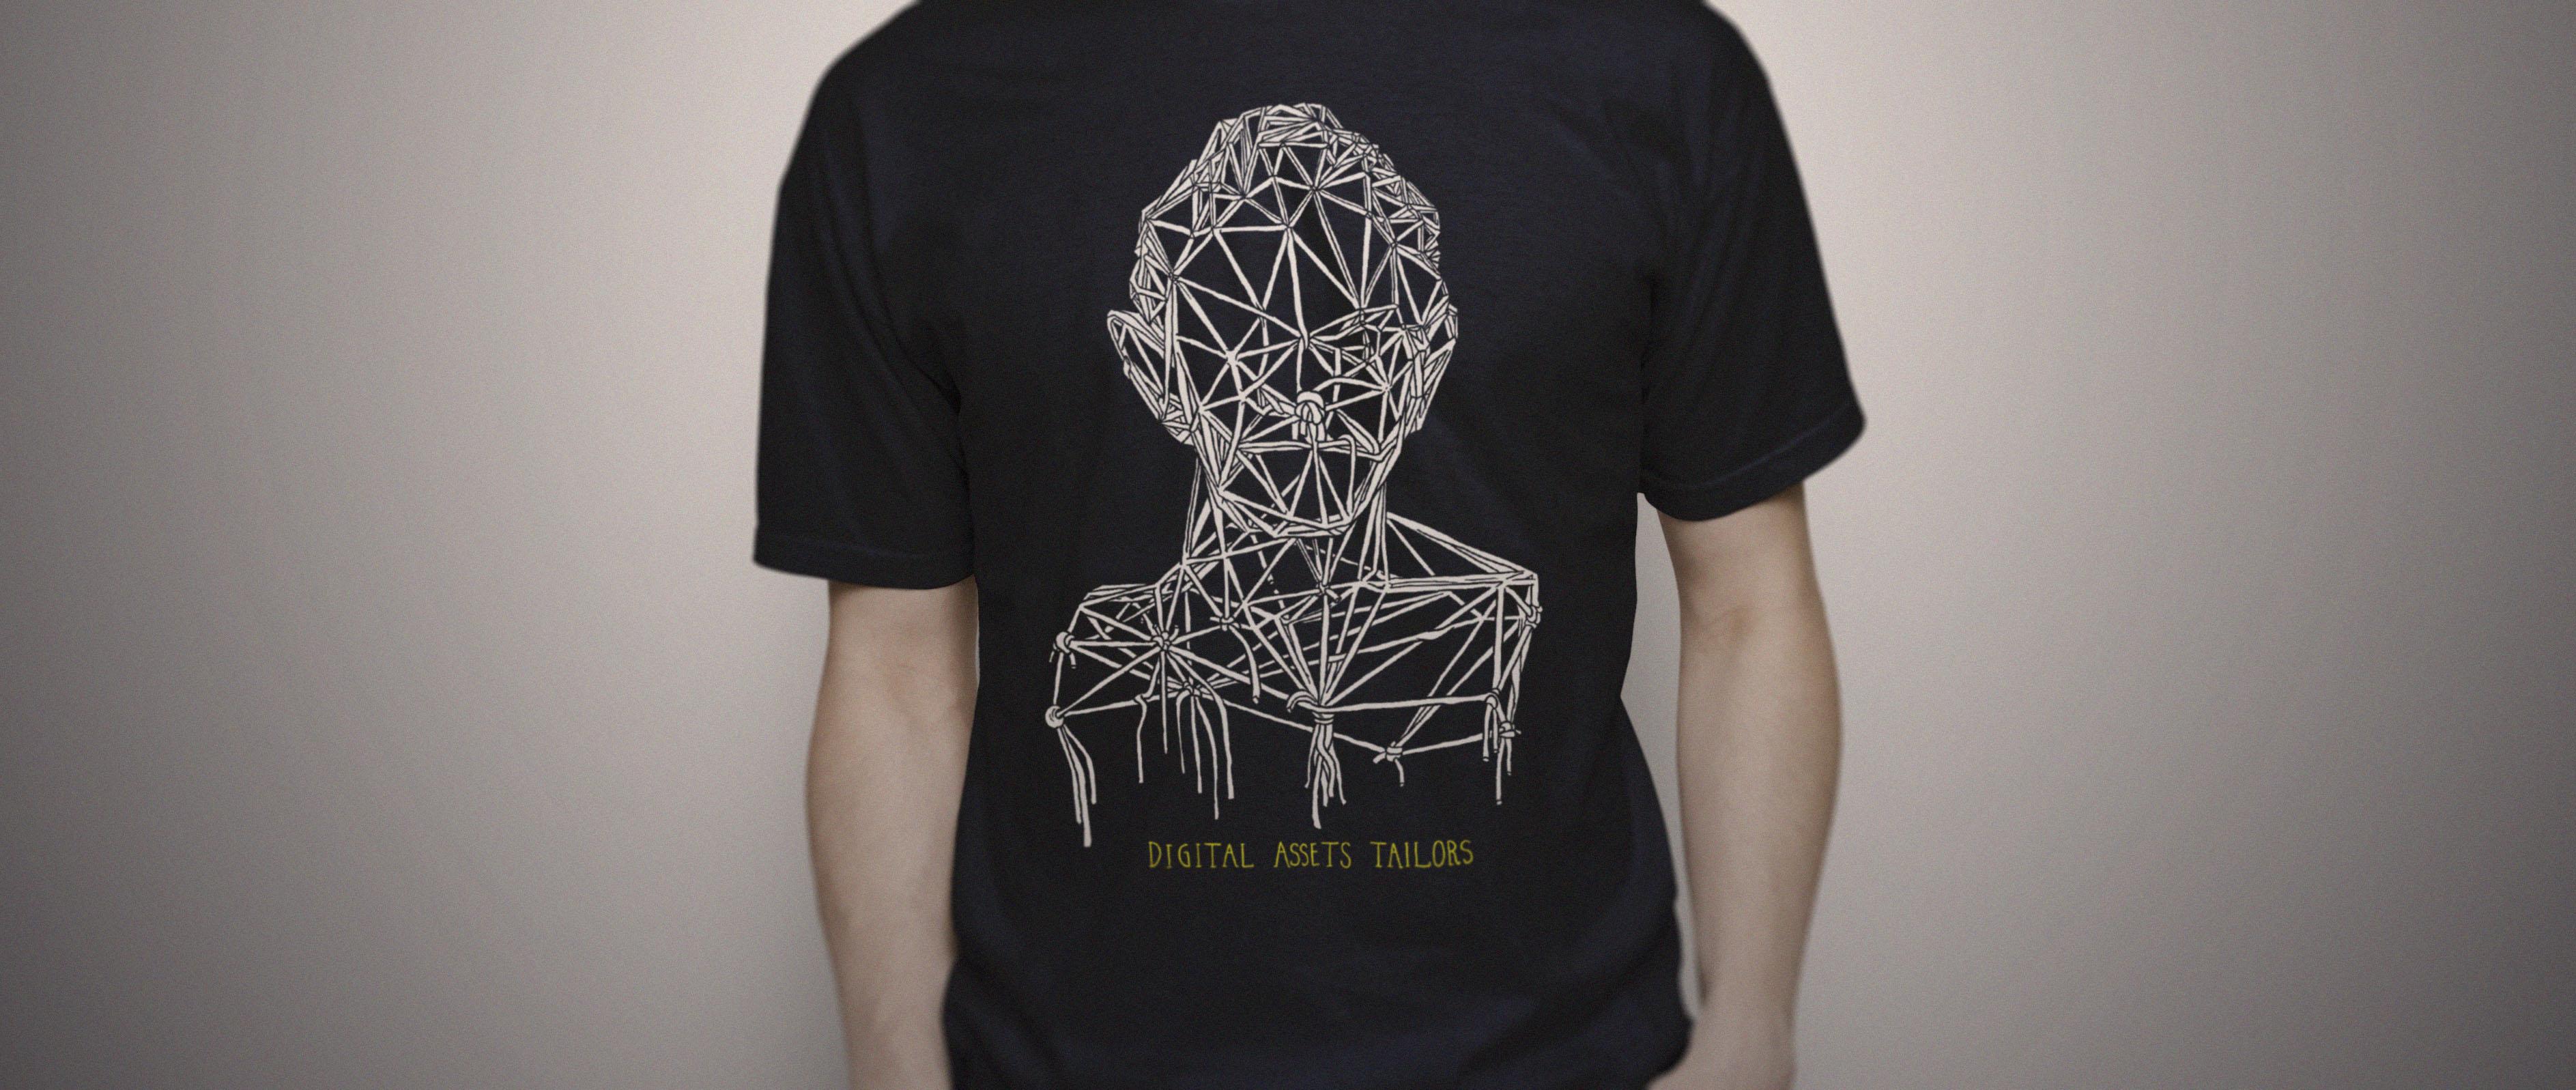 digital assets tailors t-shirt